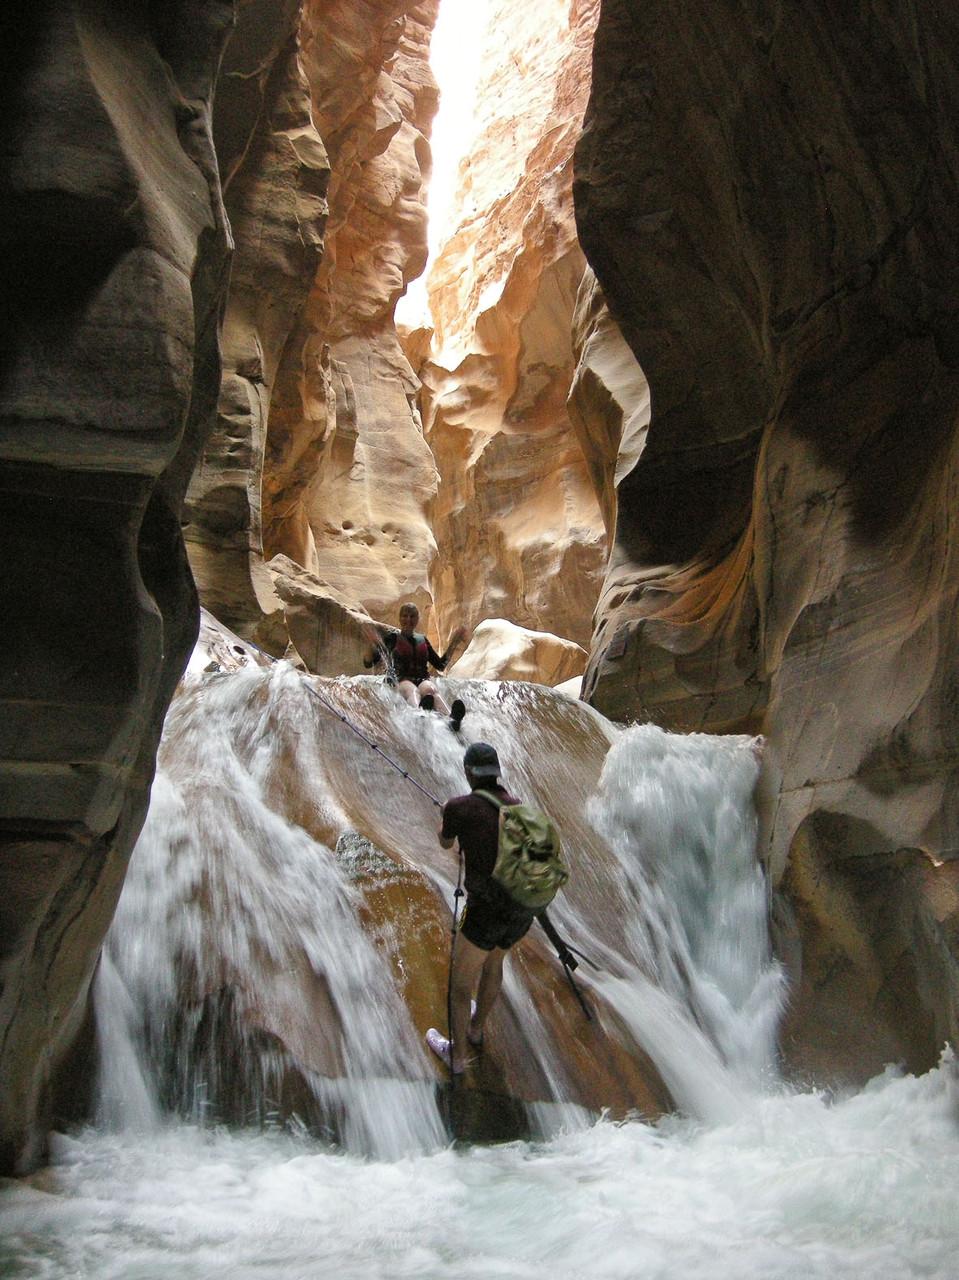 Jordanien: Wasserfall erklettern im Wadi Mujib